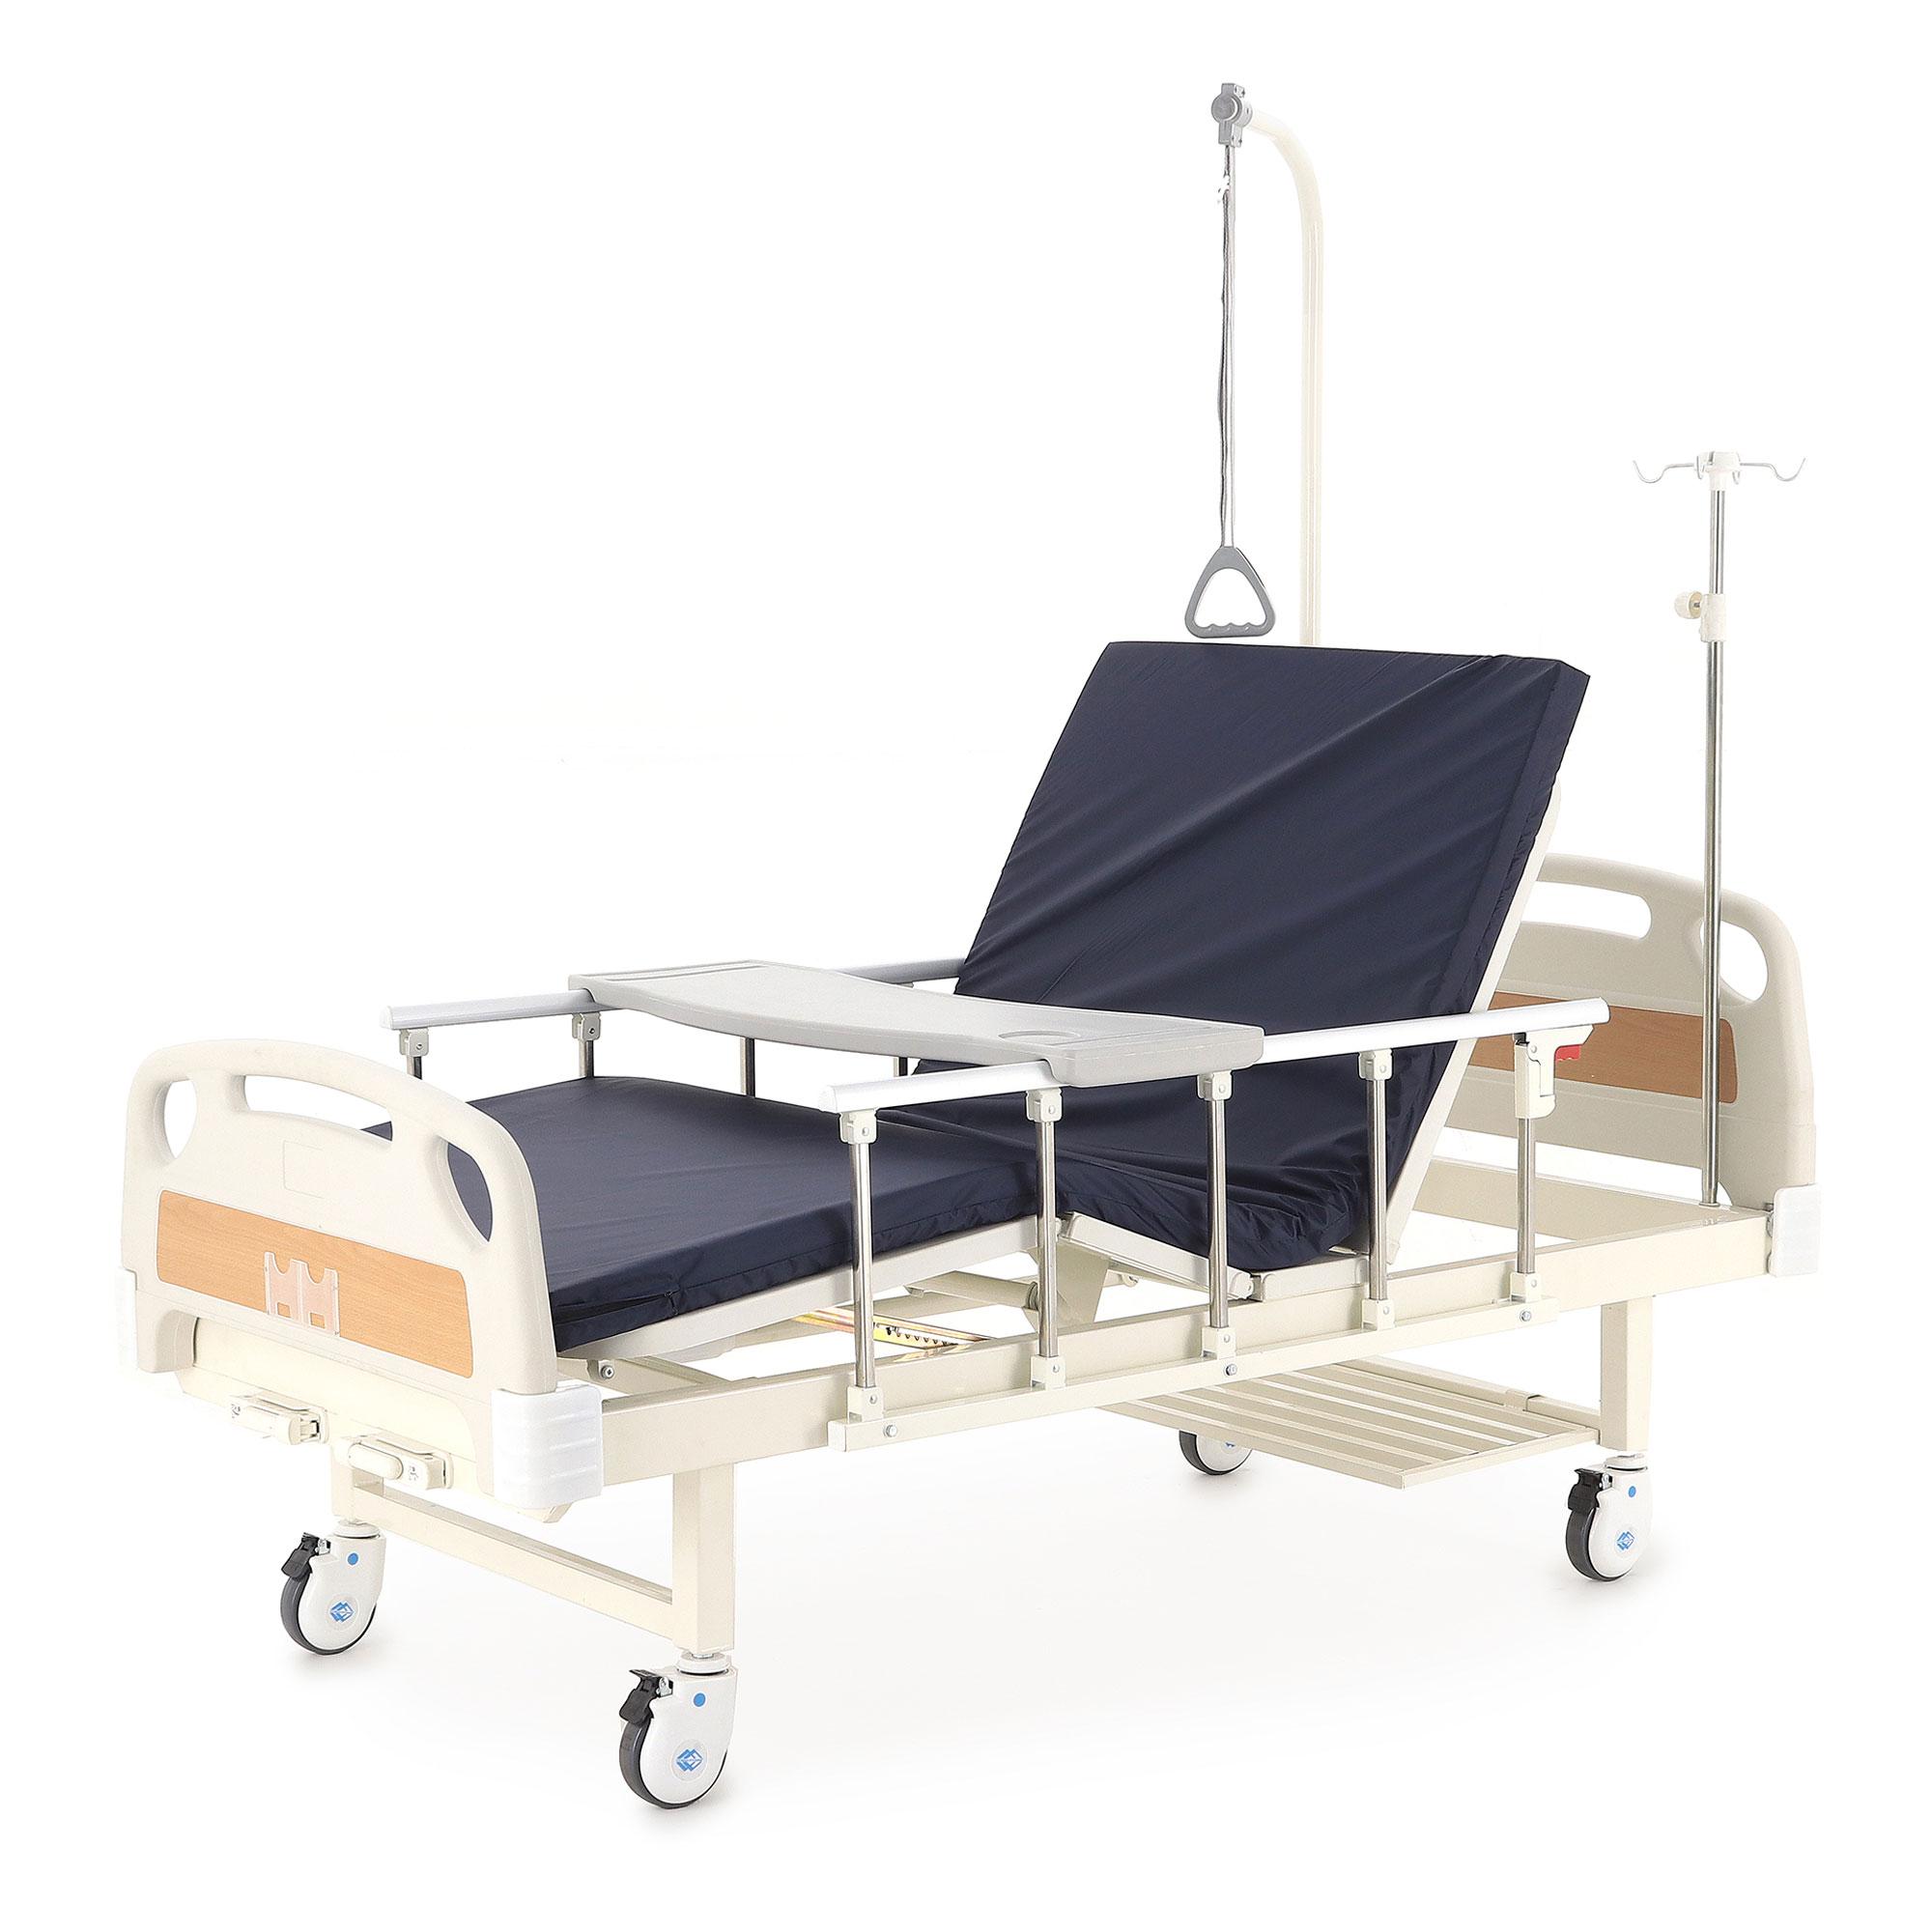 Кровать механическая Мед-Мос Е-8 (MM-2014Н-02) (2 функции) с полкой и столиком